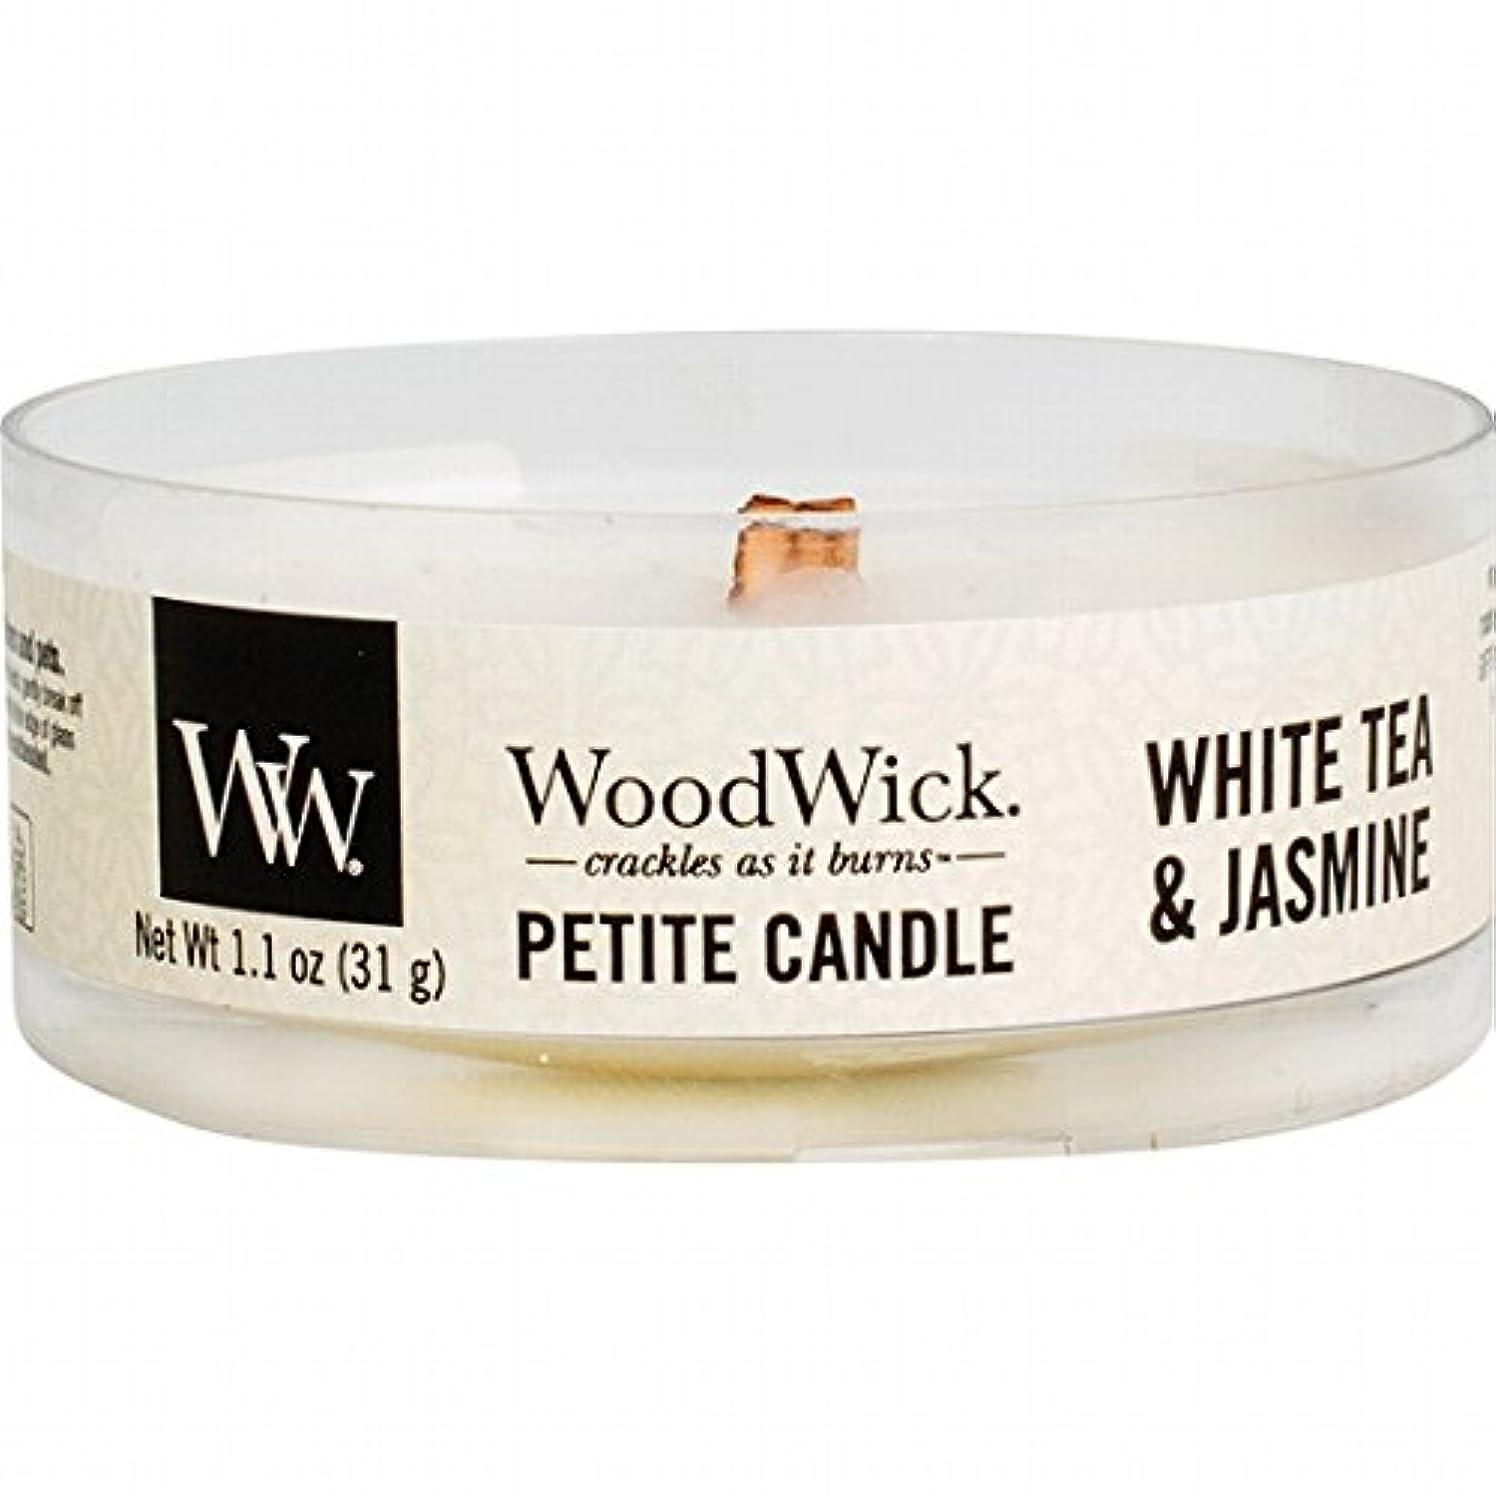 ウッドウィック( WoodWick ) プチキャンドル 「 ホワイトティー&ジャスミン 」